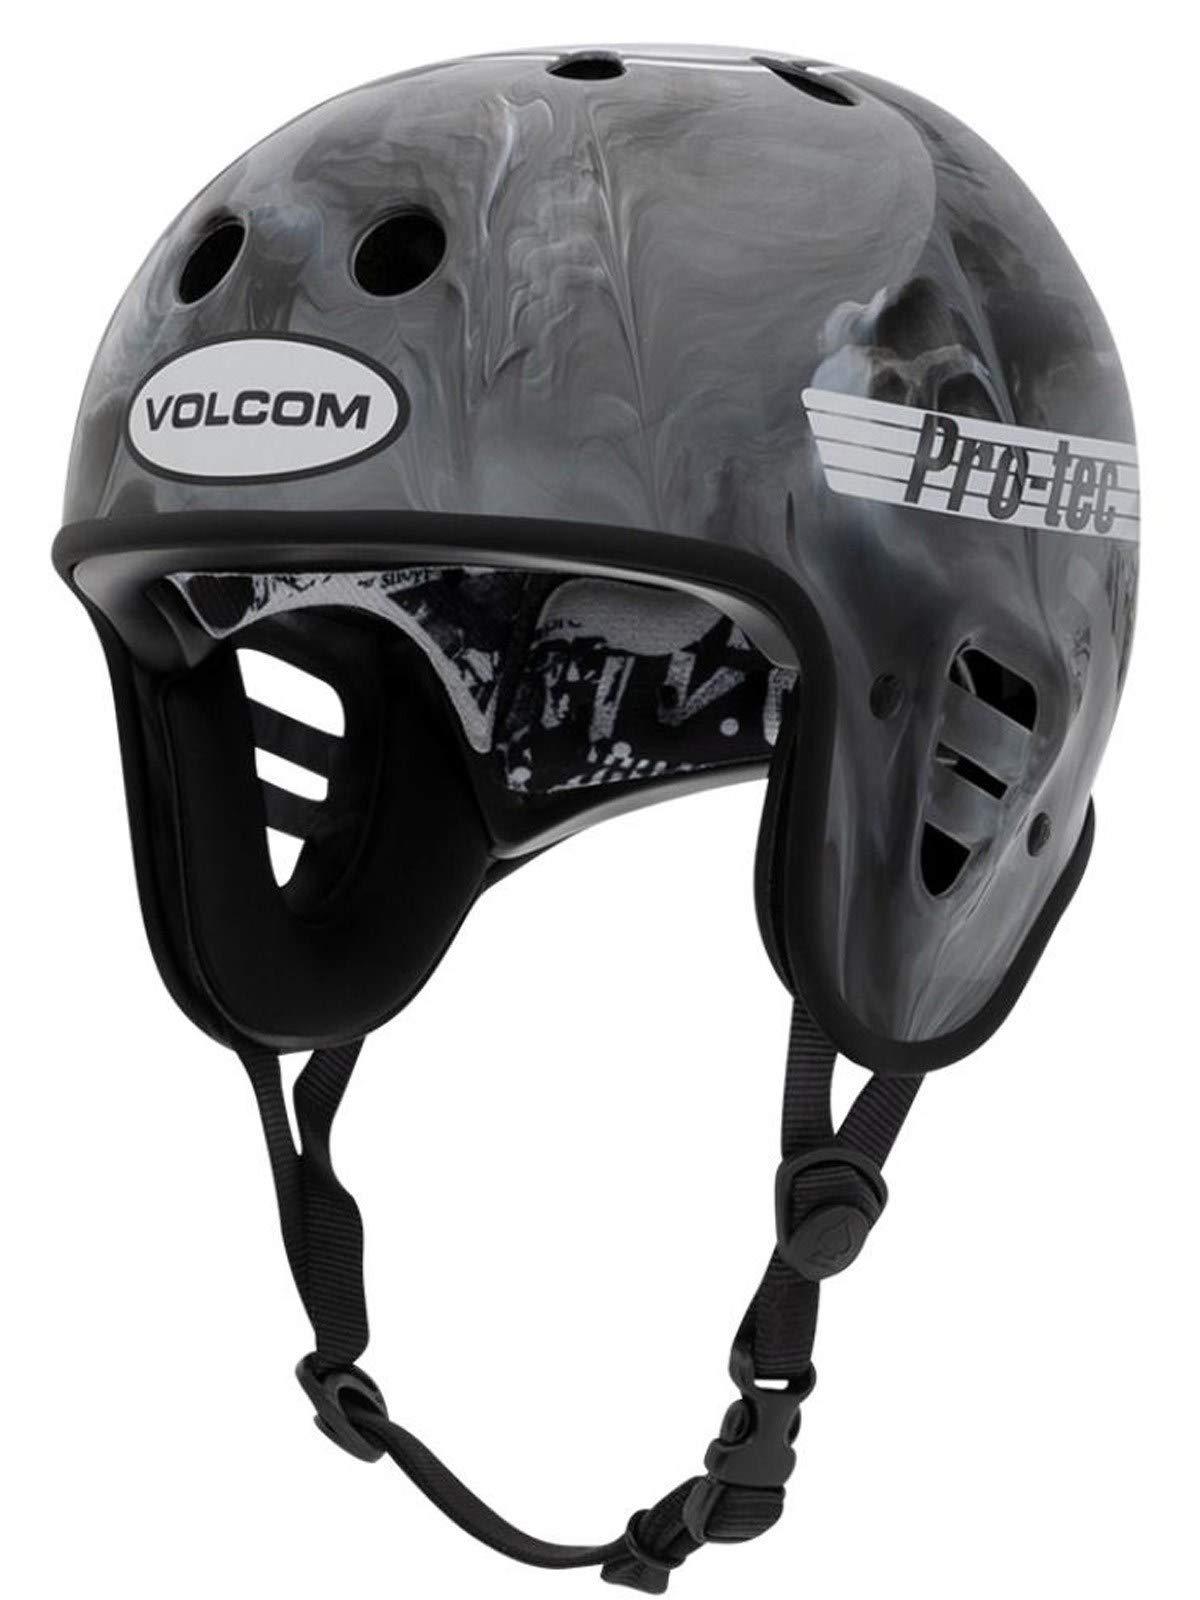 Pro-Tec Volcom Cosmic Matter Full Cut Cert Skateboarding Helmet (M, Grey)